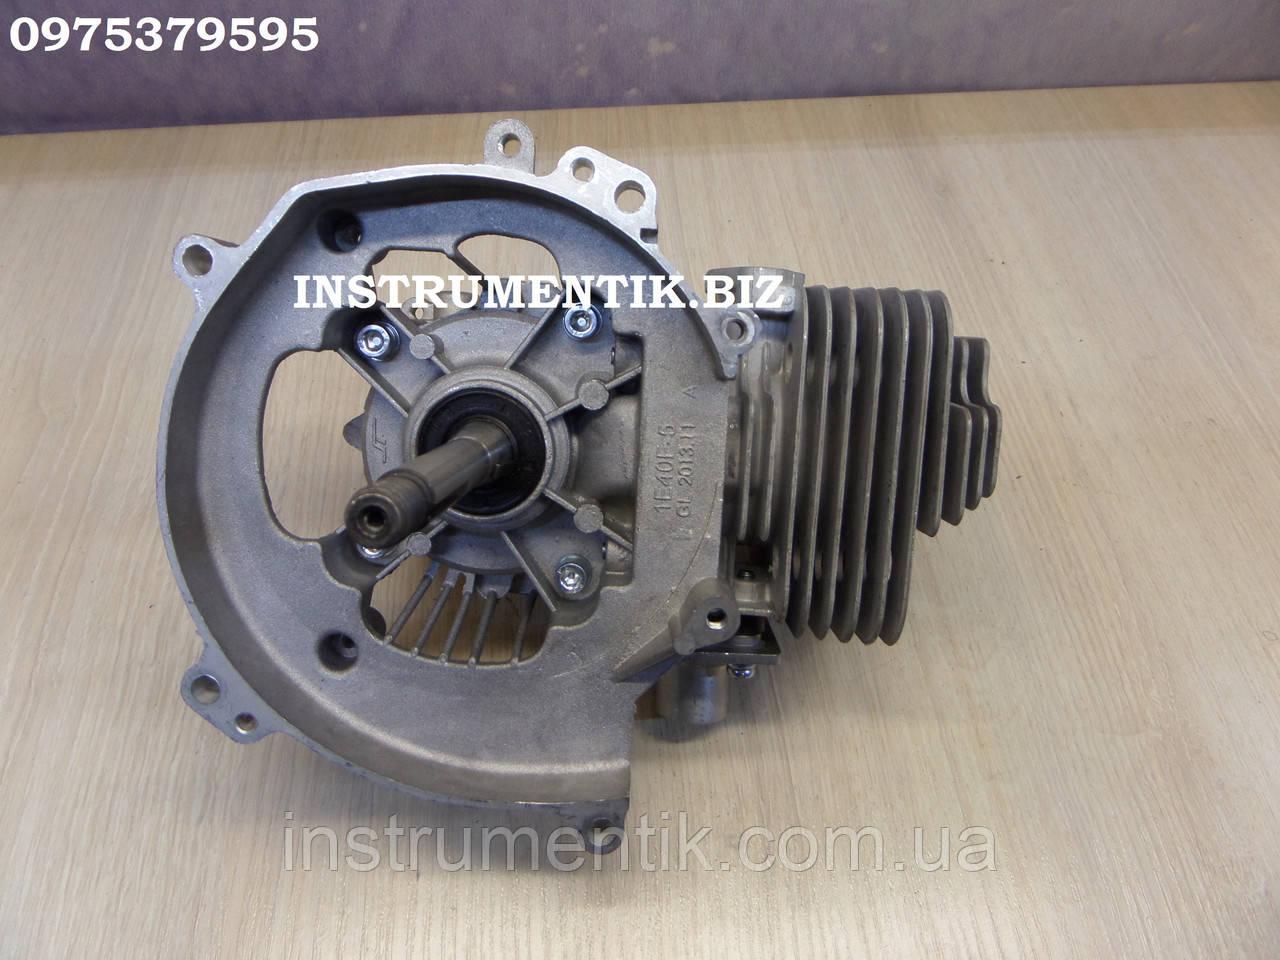 Двигатель для AgriMotor 3W-650